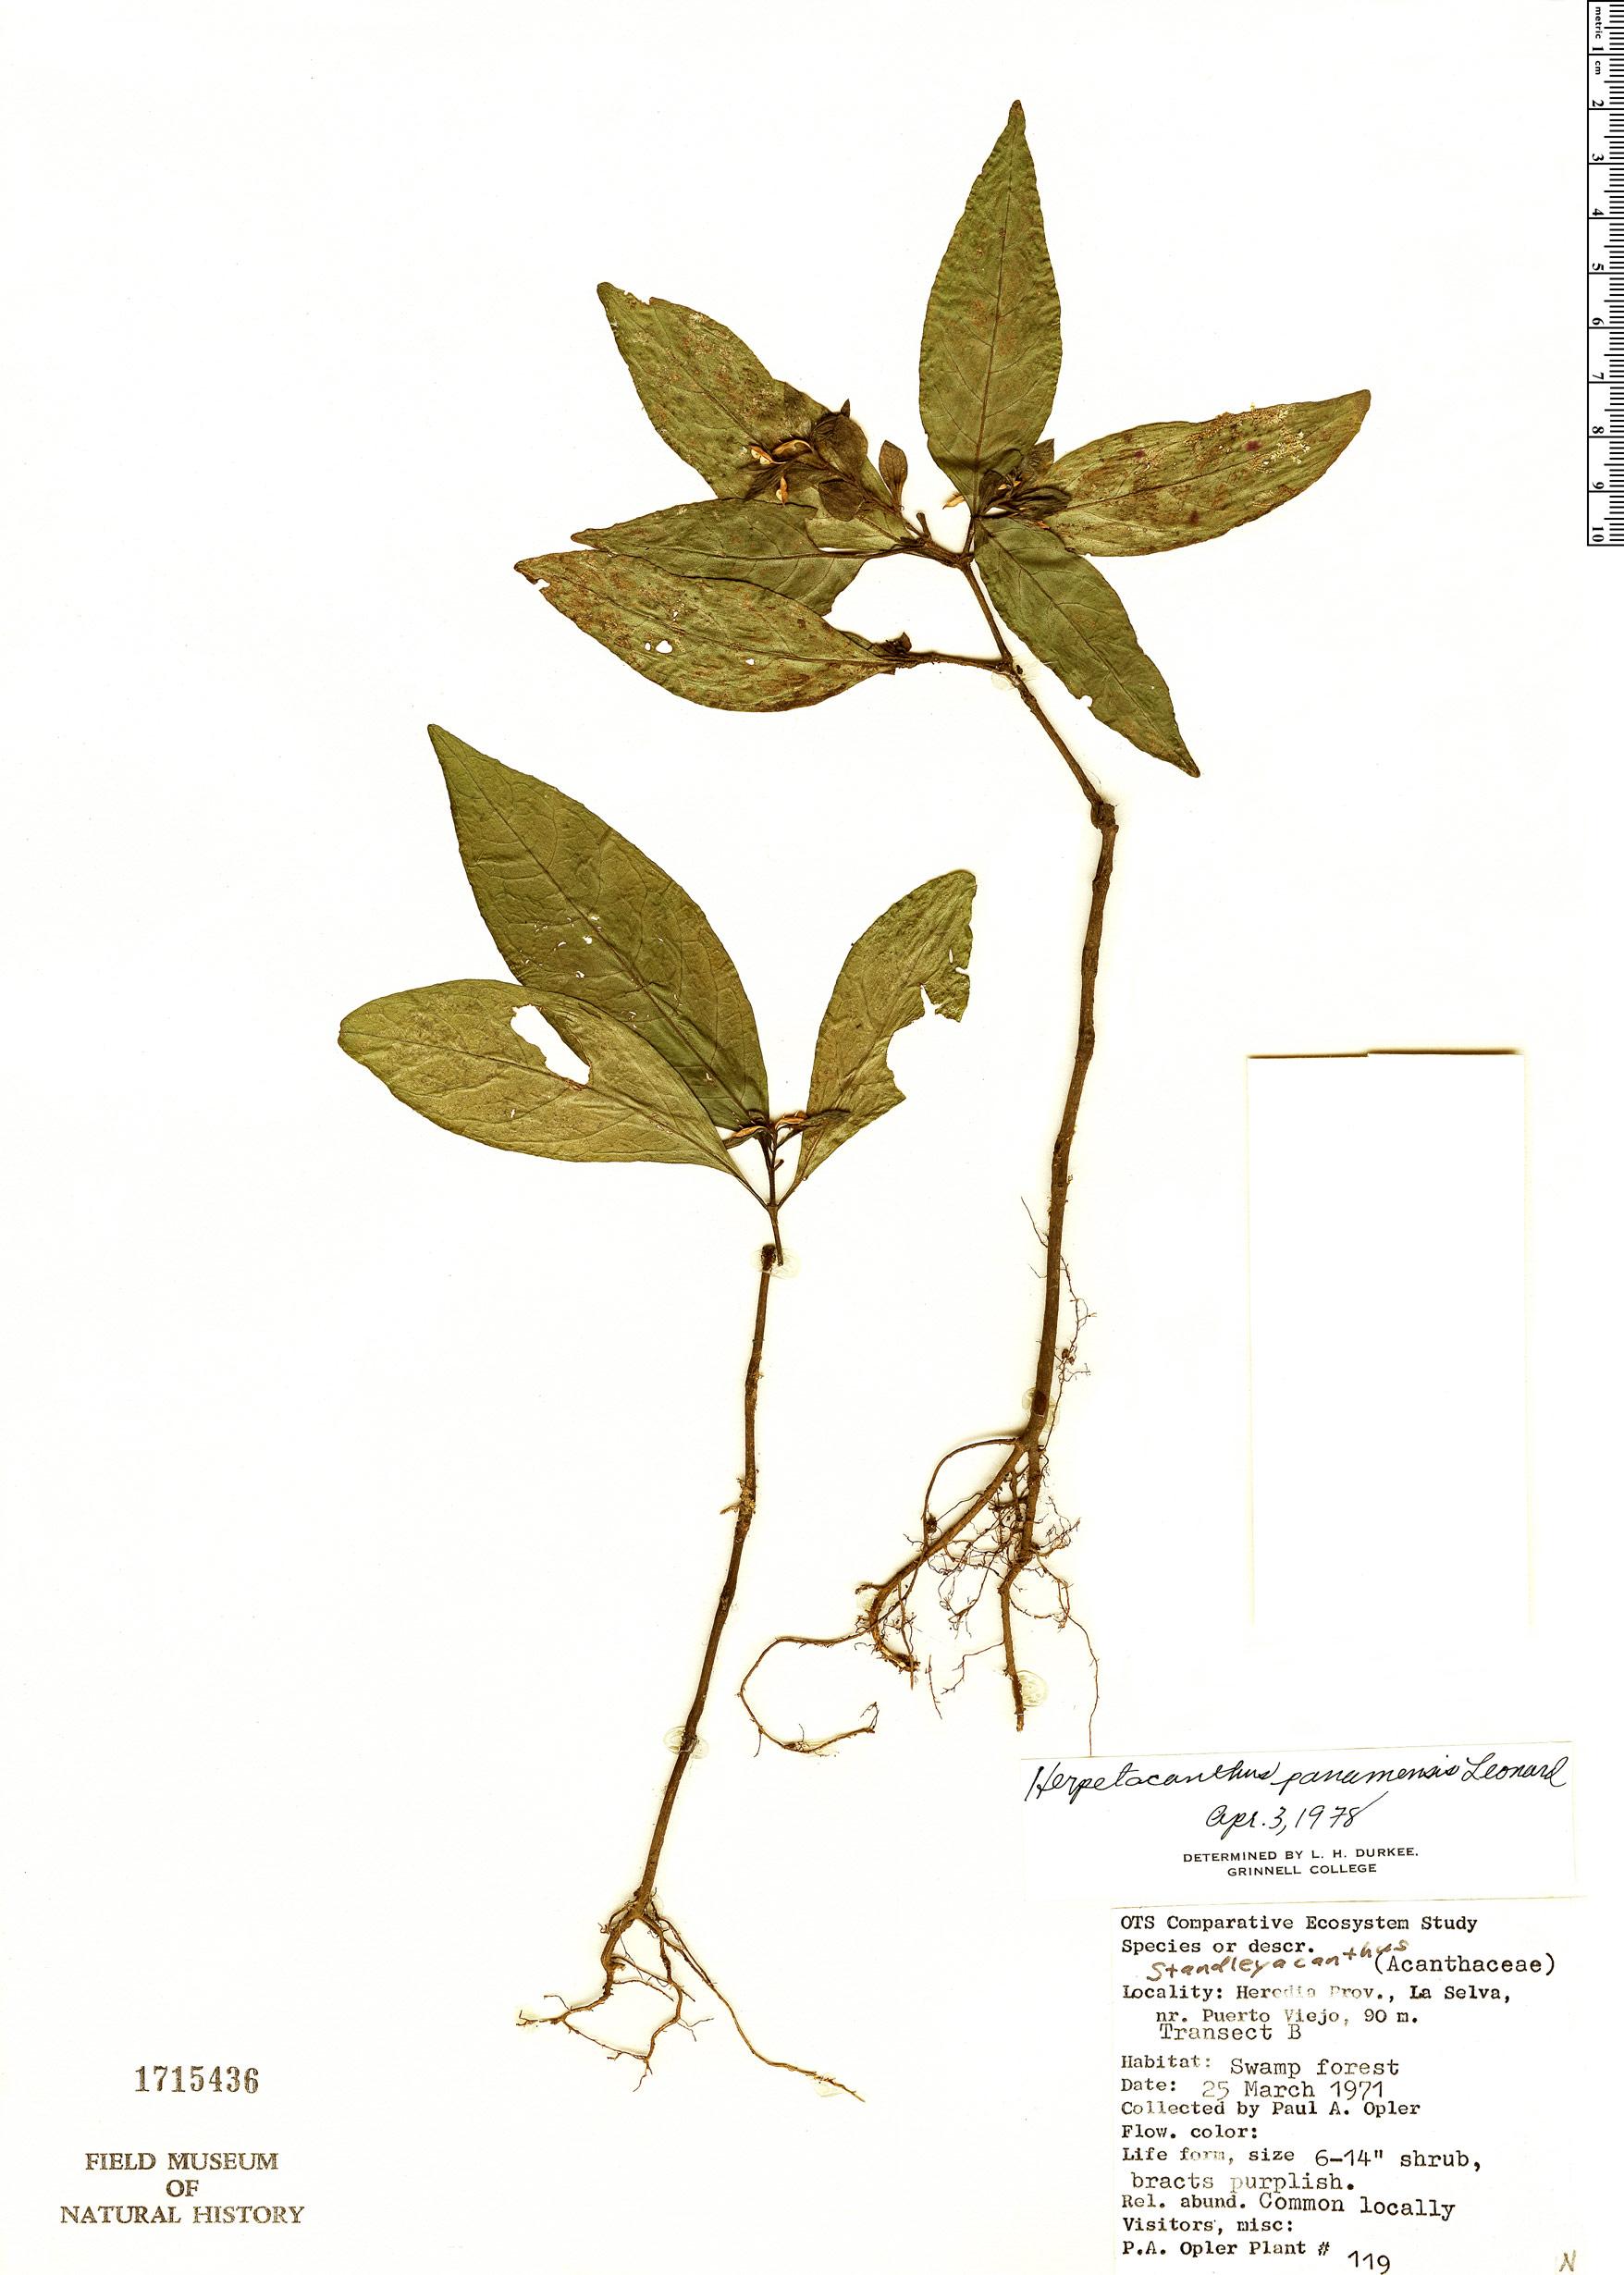 Specimen: Herpetacanthus panamensis